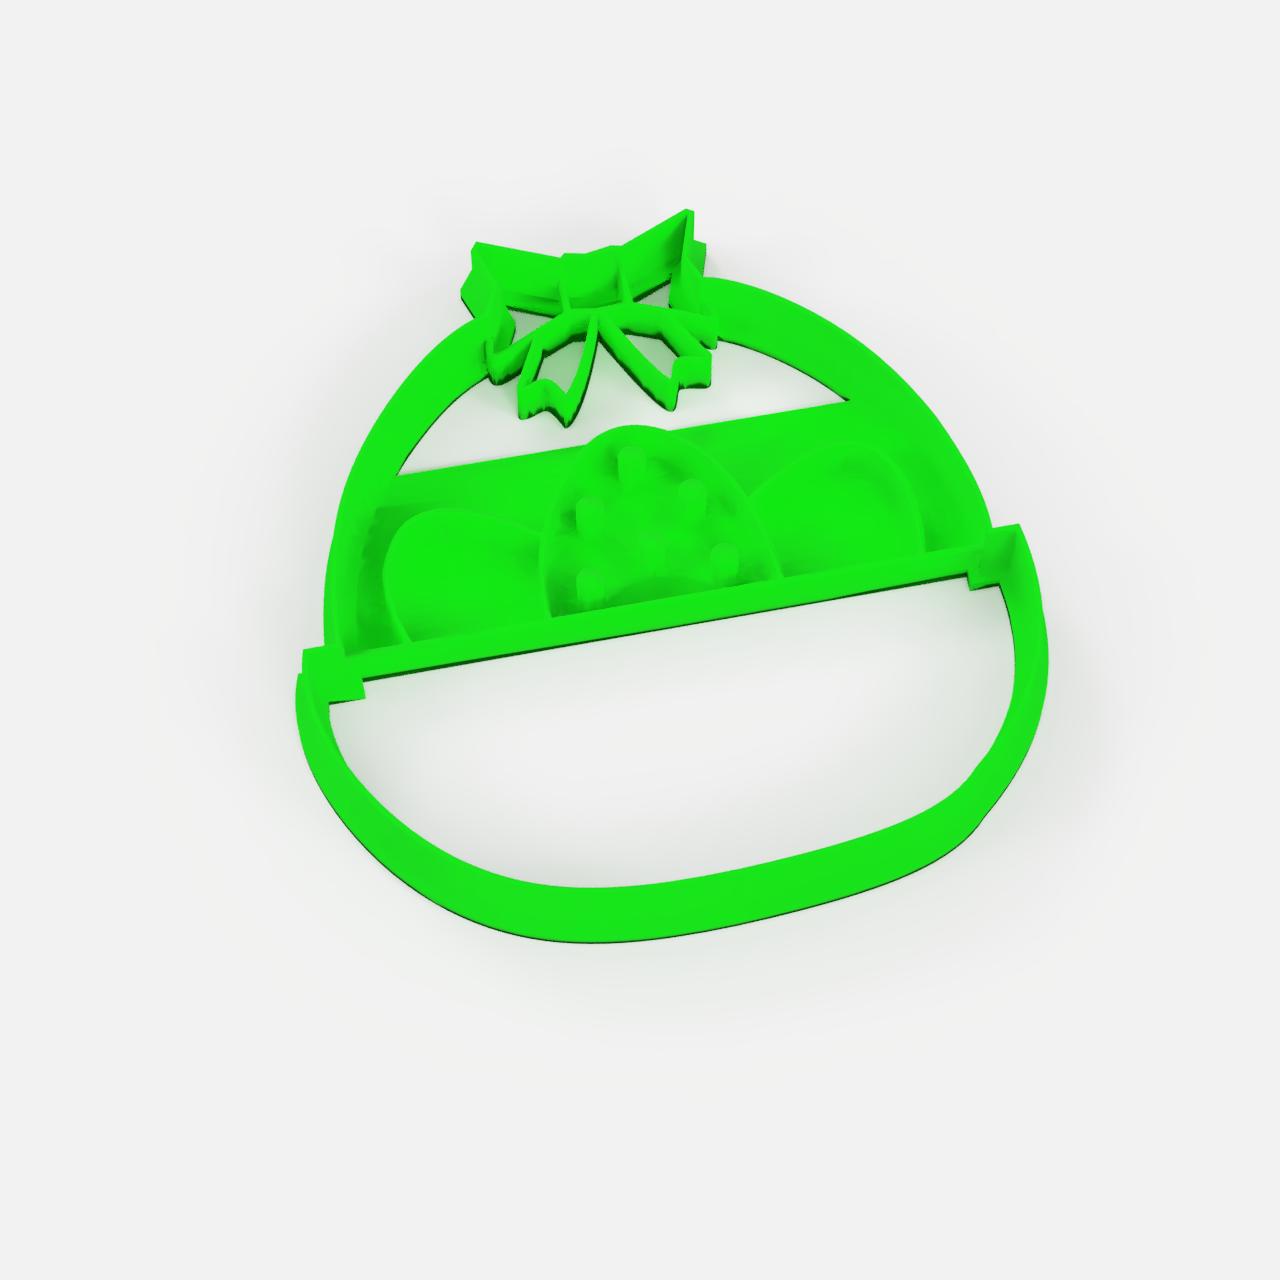 Pascua 3.png Télécharger fichier STL gratuit easter set x5 cookie cutter pack - ensemble de coupe-papiers de Pâques x5 • Design pour impression 3D, Abayarde